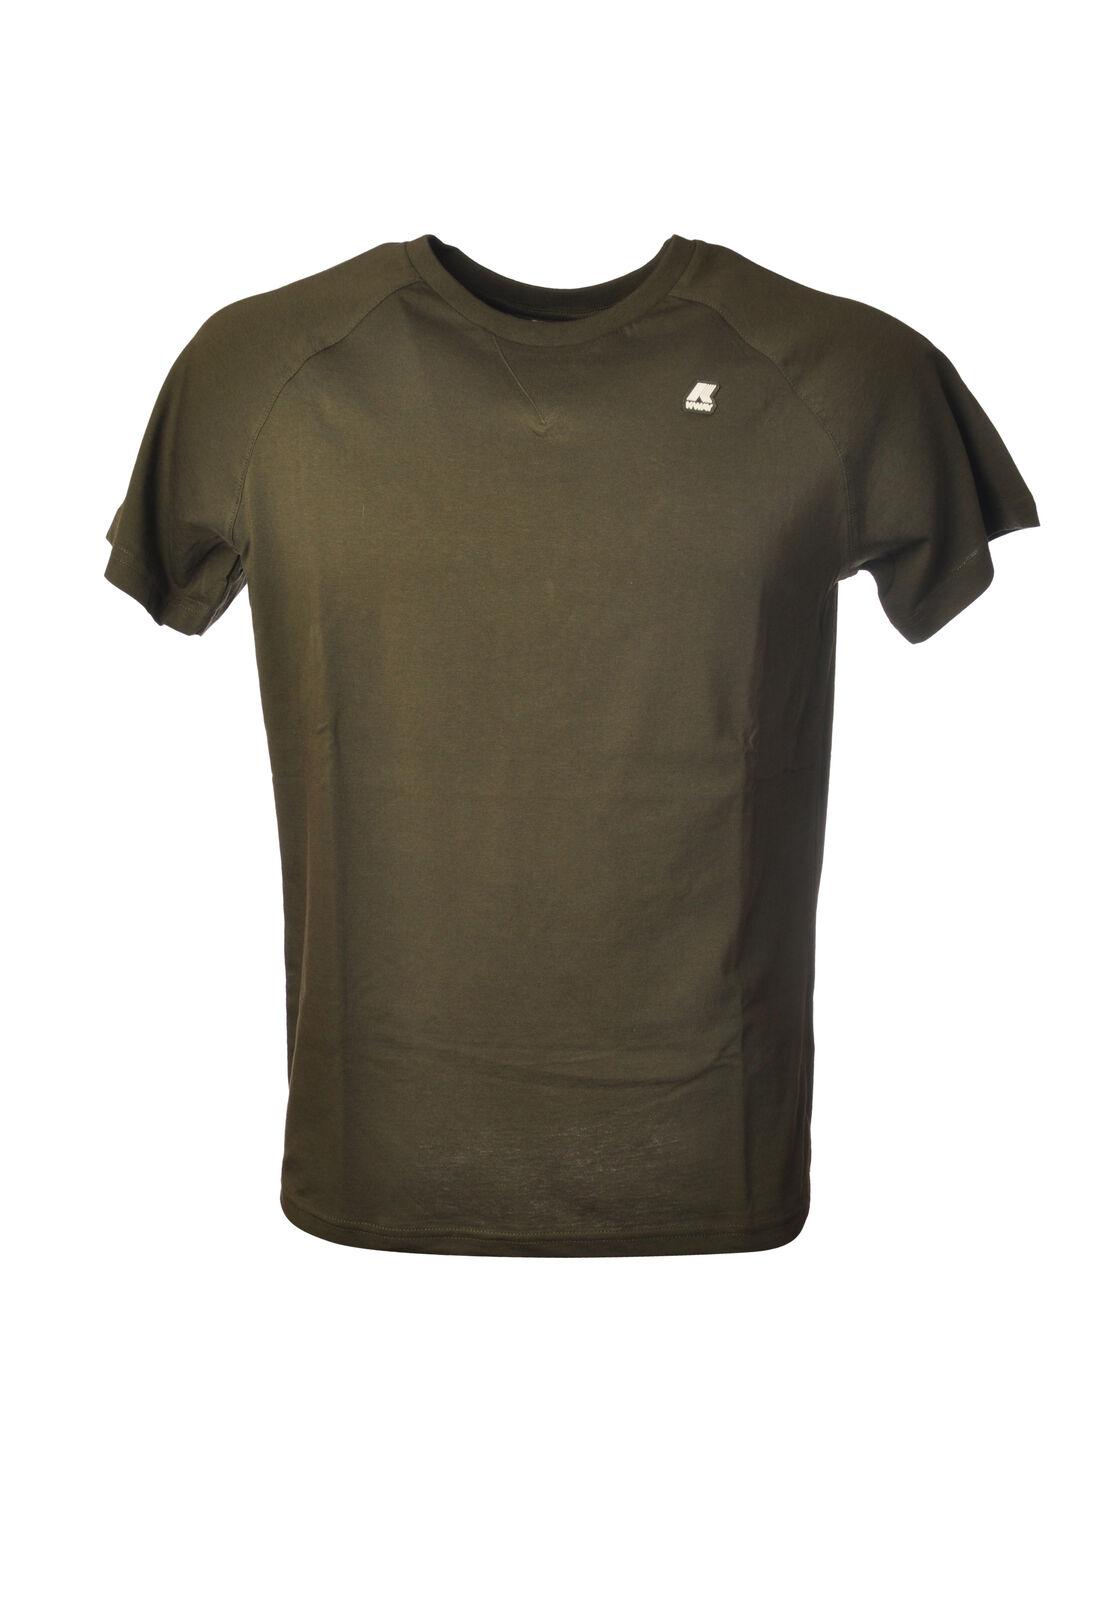 K-Way - Topwear-T-shirts - Man - Grün - 6369421F191343